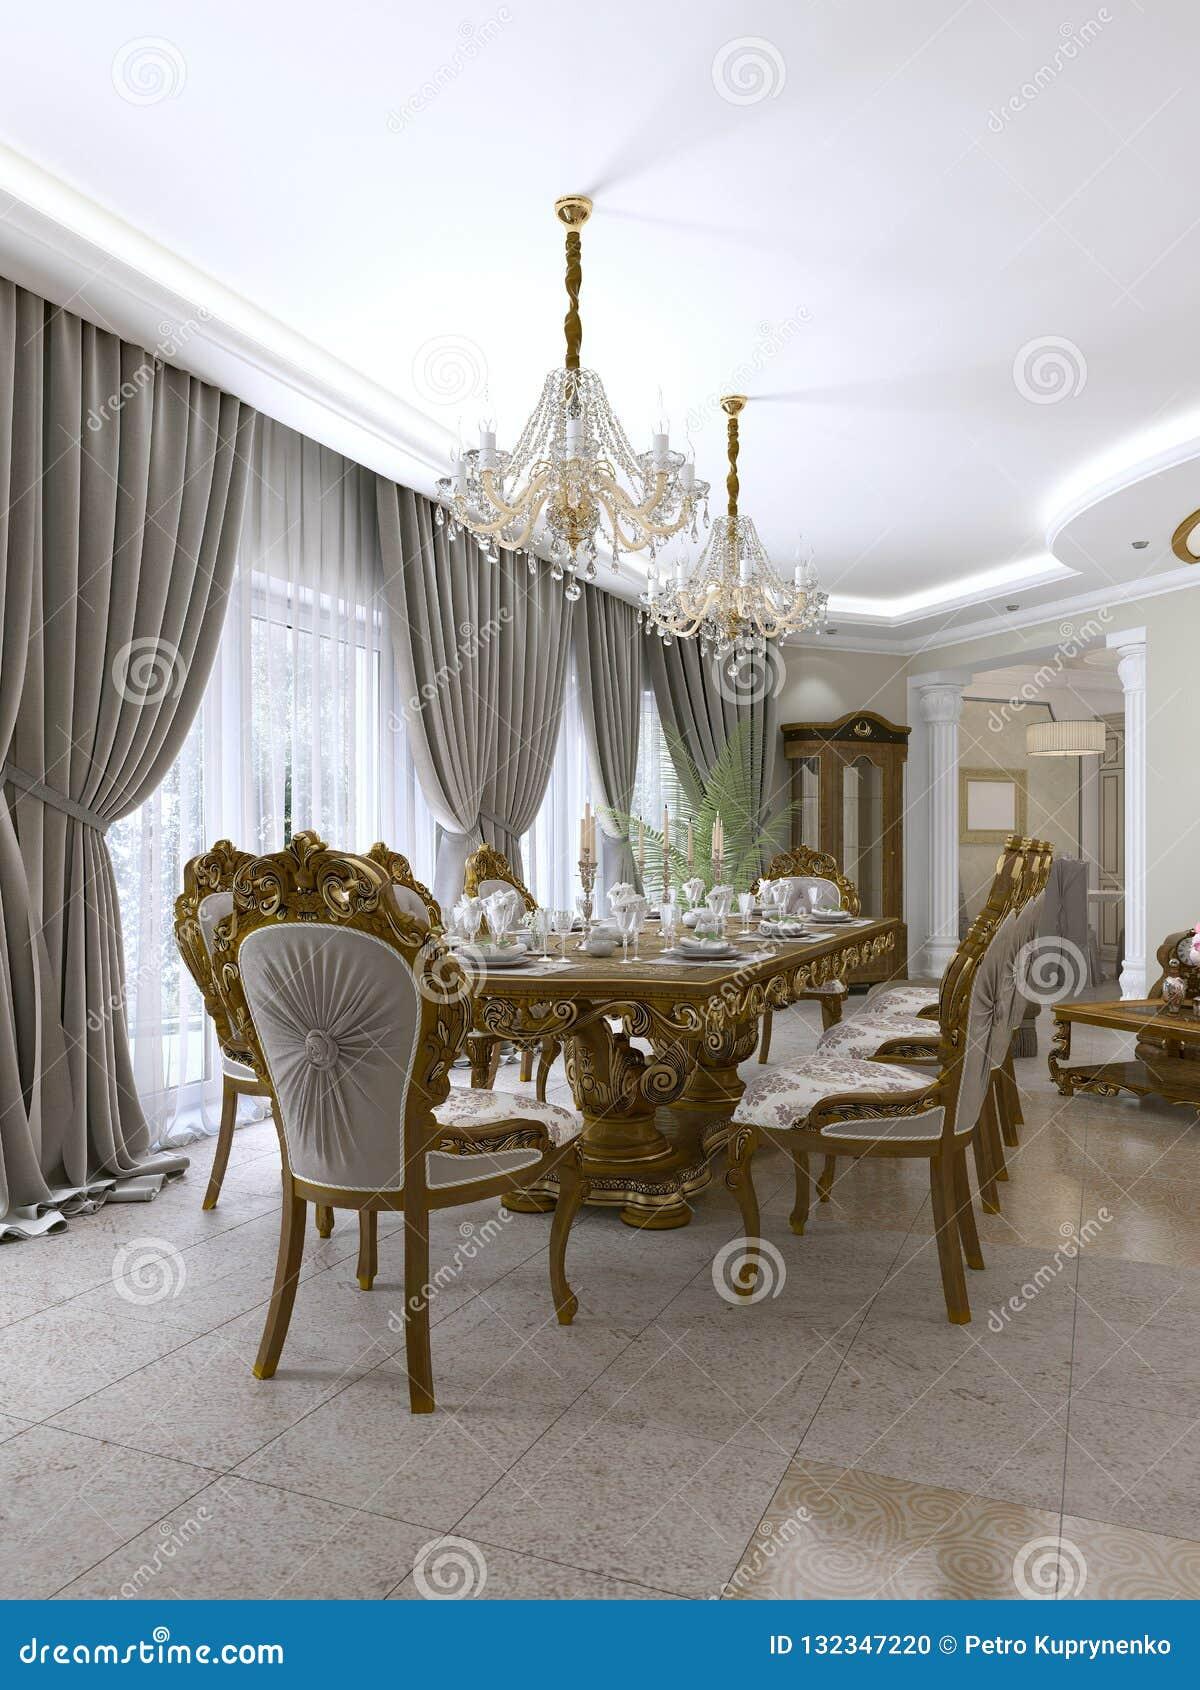 Table De Salle A Manger Classique Moderne Dans Un Salon Baroque